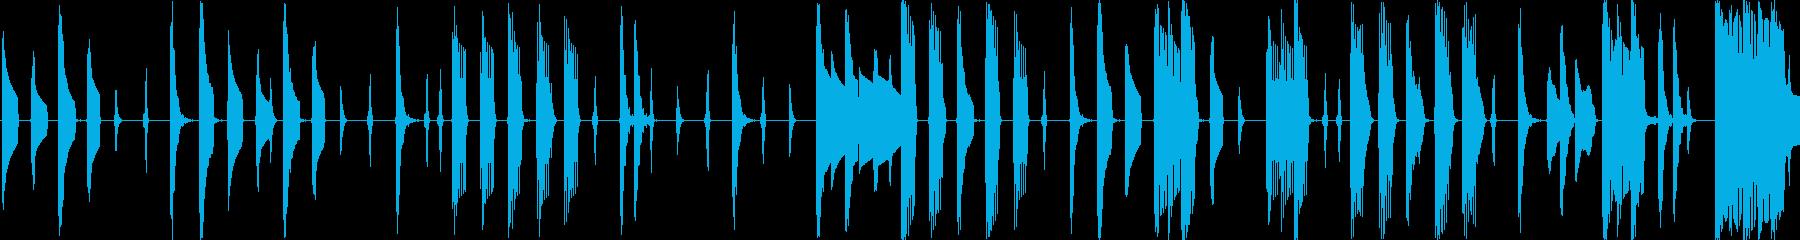 レトロゲーム風の可愛らしいエレクトロニカの再生済みの波形